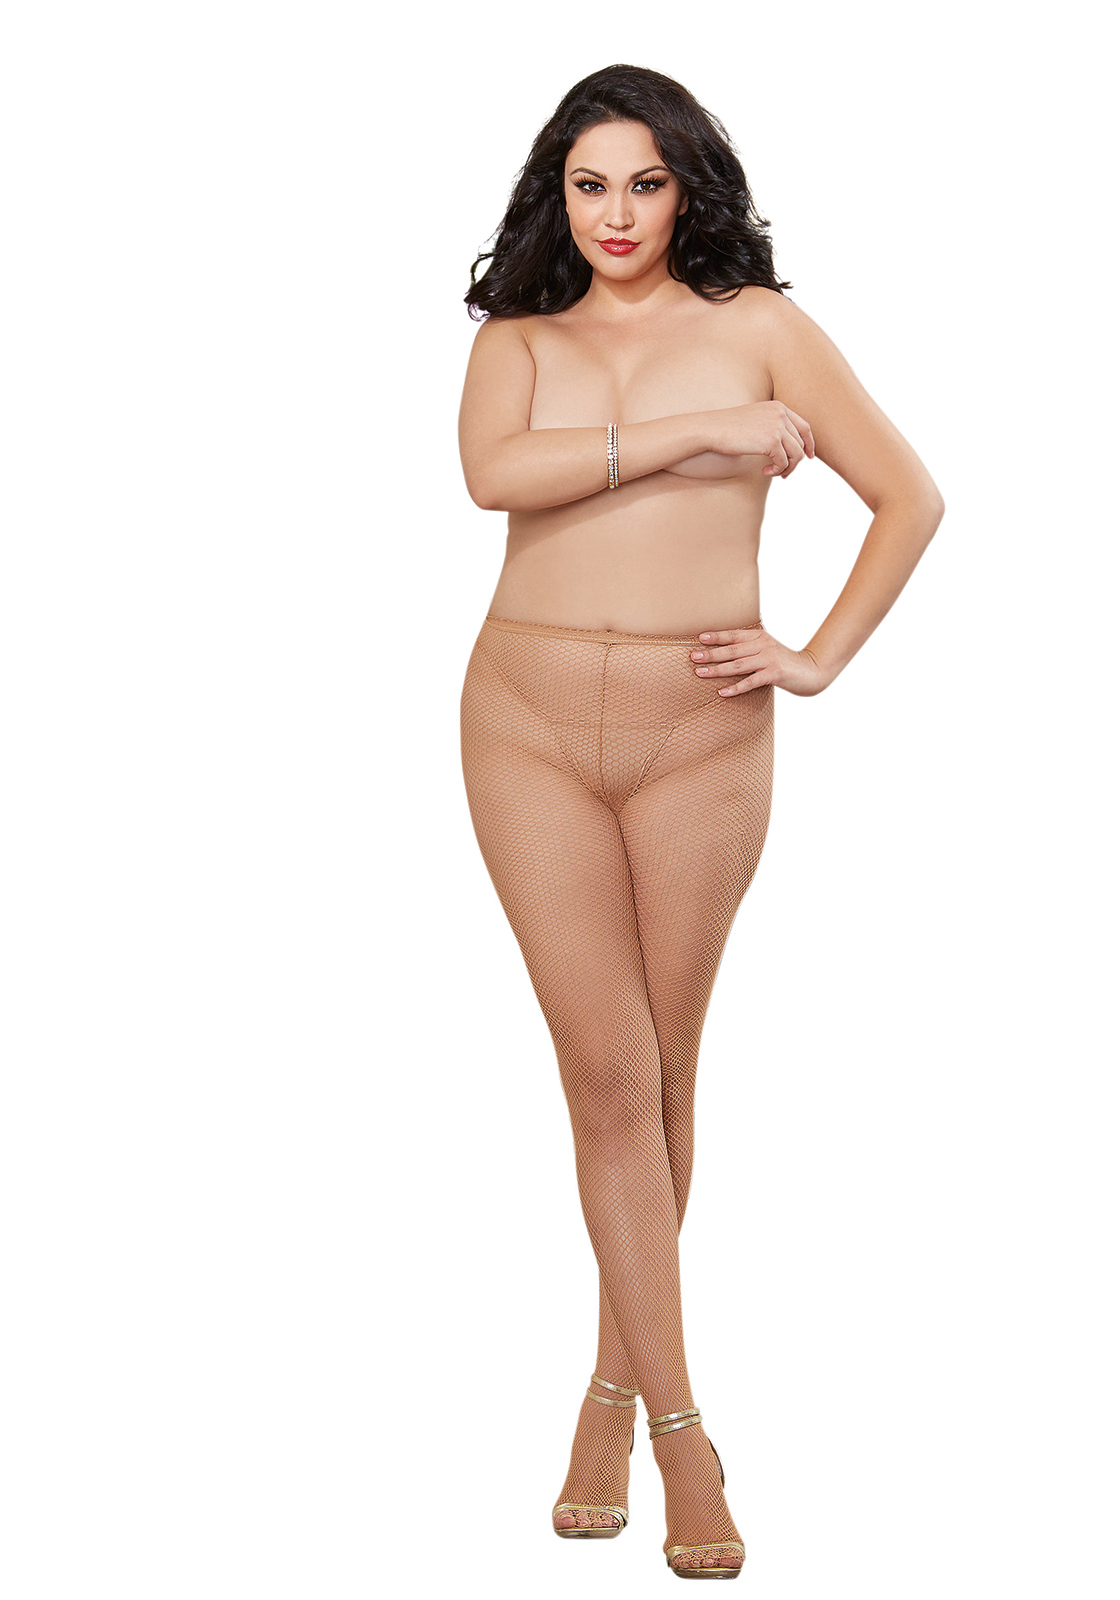 German Anal Back seam pantyhose sizes